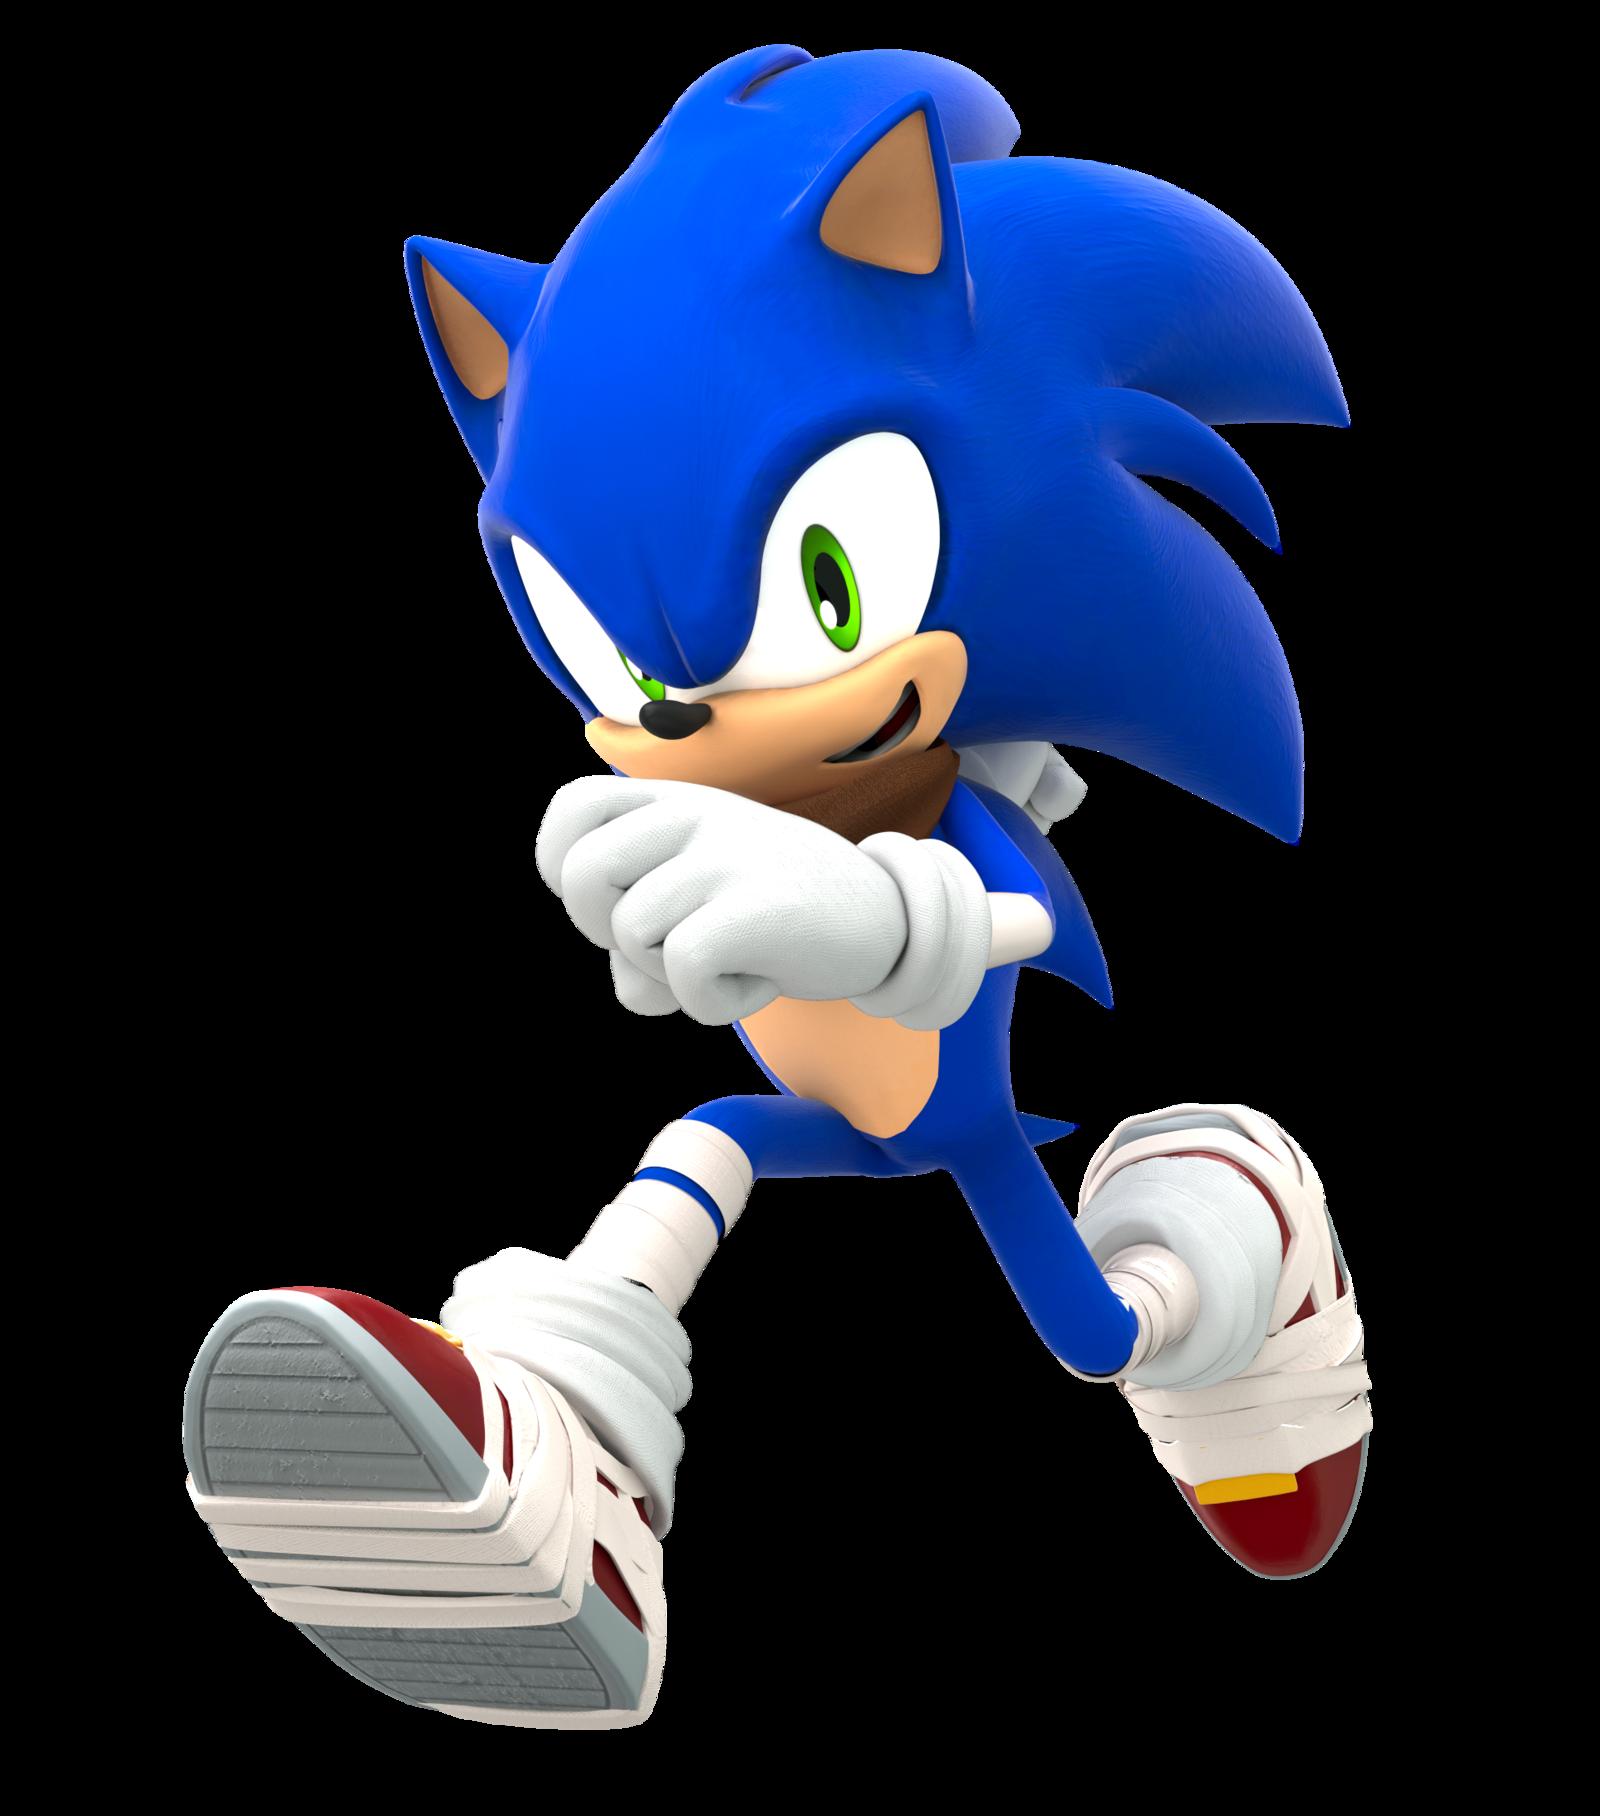 Imagen de Aniwis Senpai en Sonic 3 Sonic the hedgehog